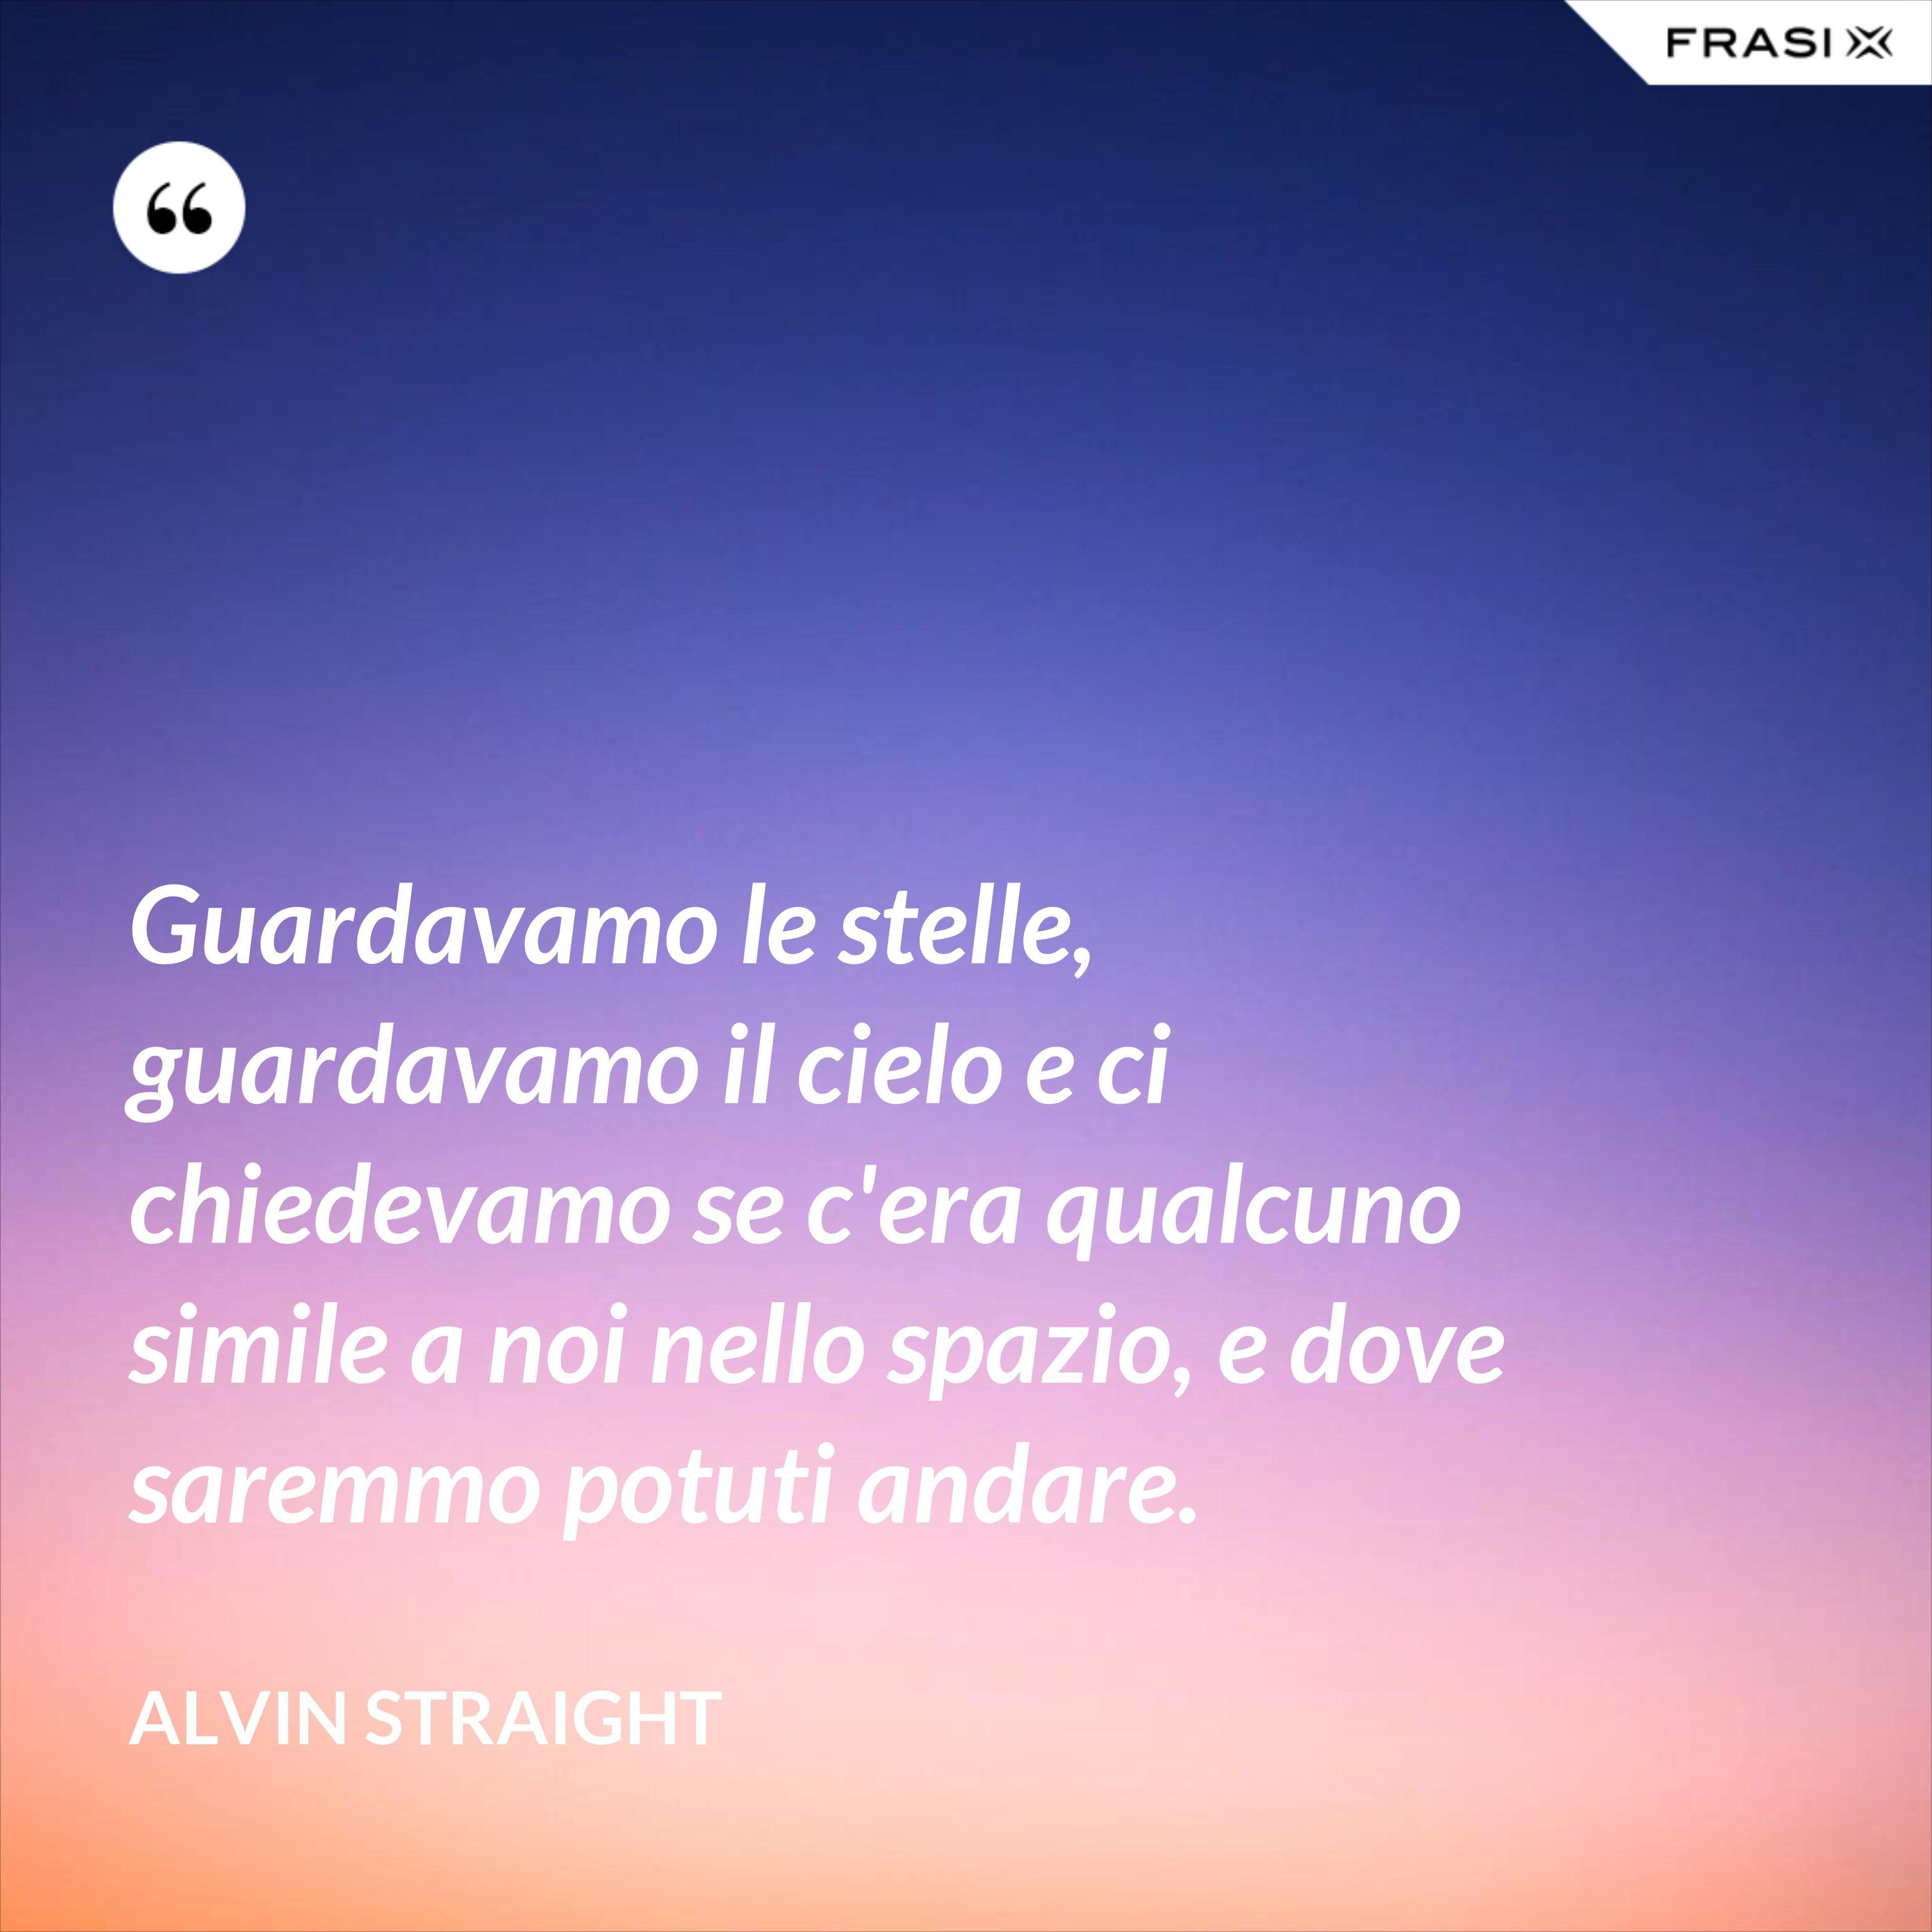 Guardavamo le stelle, guardavamo il cielo e ci chiedevamo se c'era qualcuno simile a noi nello spazio, e dove saremmo potuti andare. - Alvin Straight